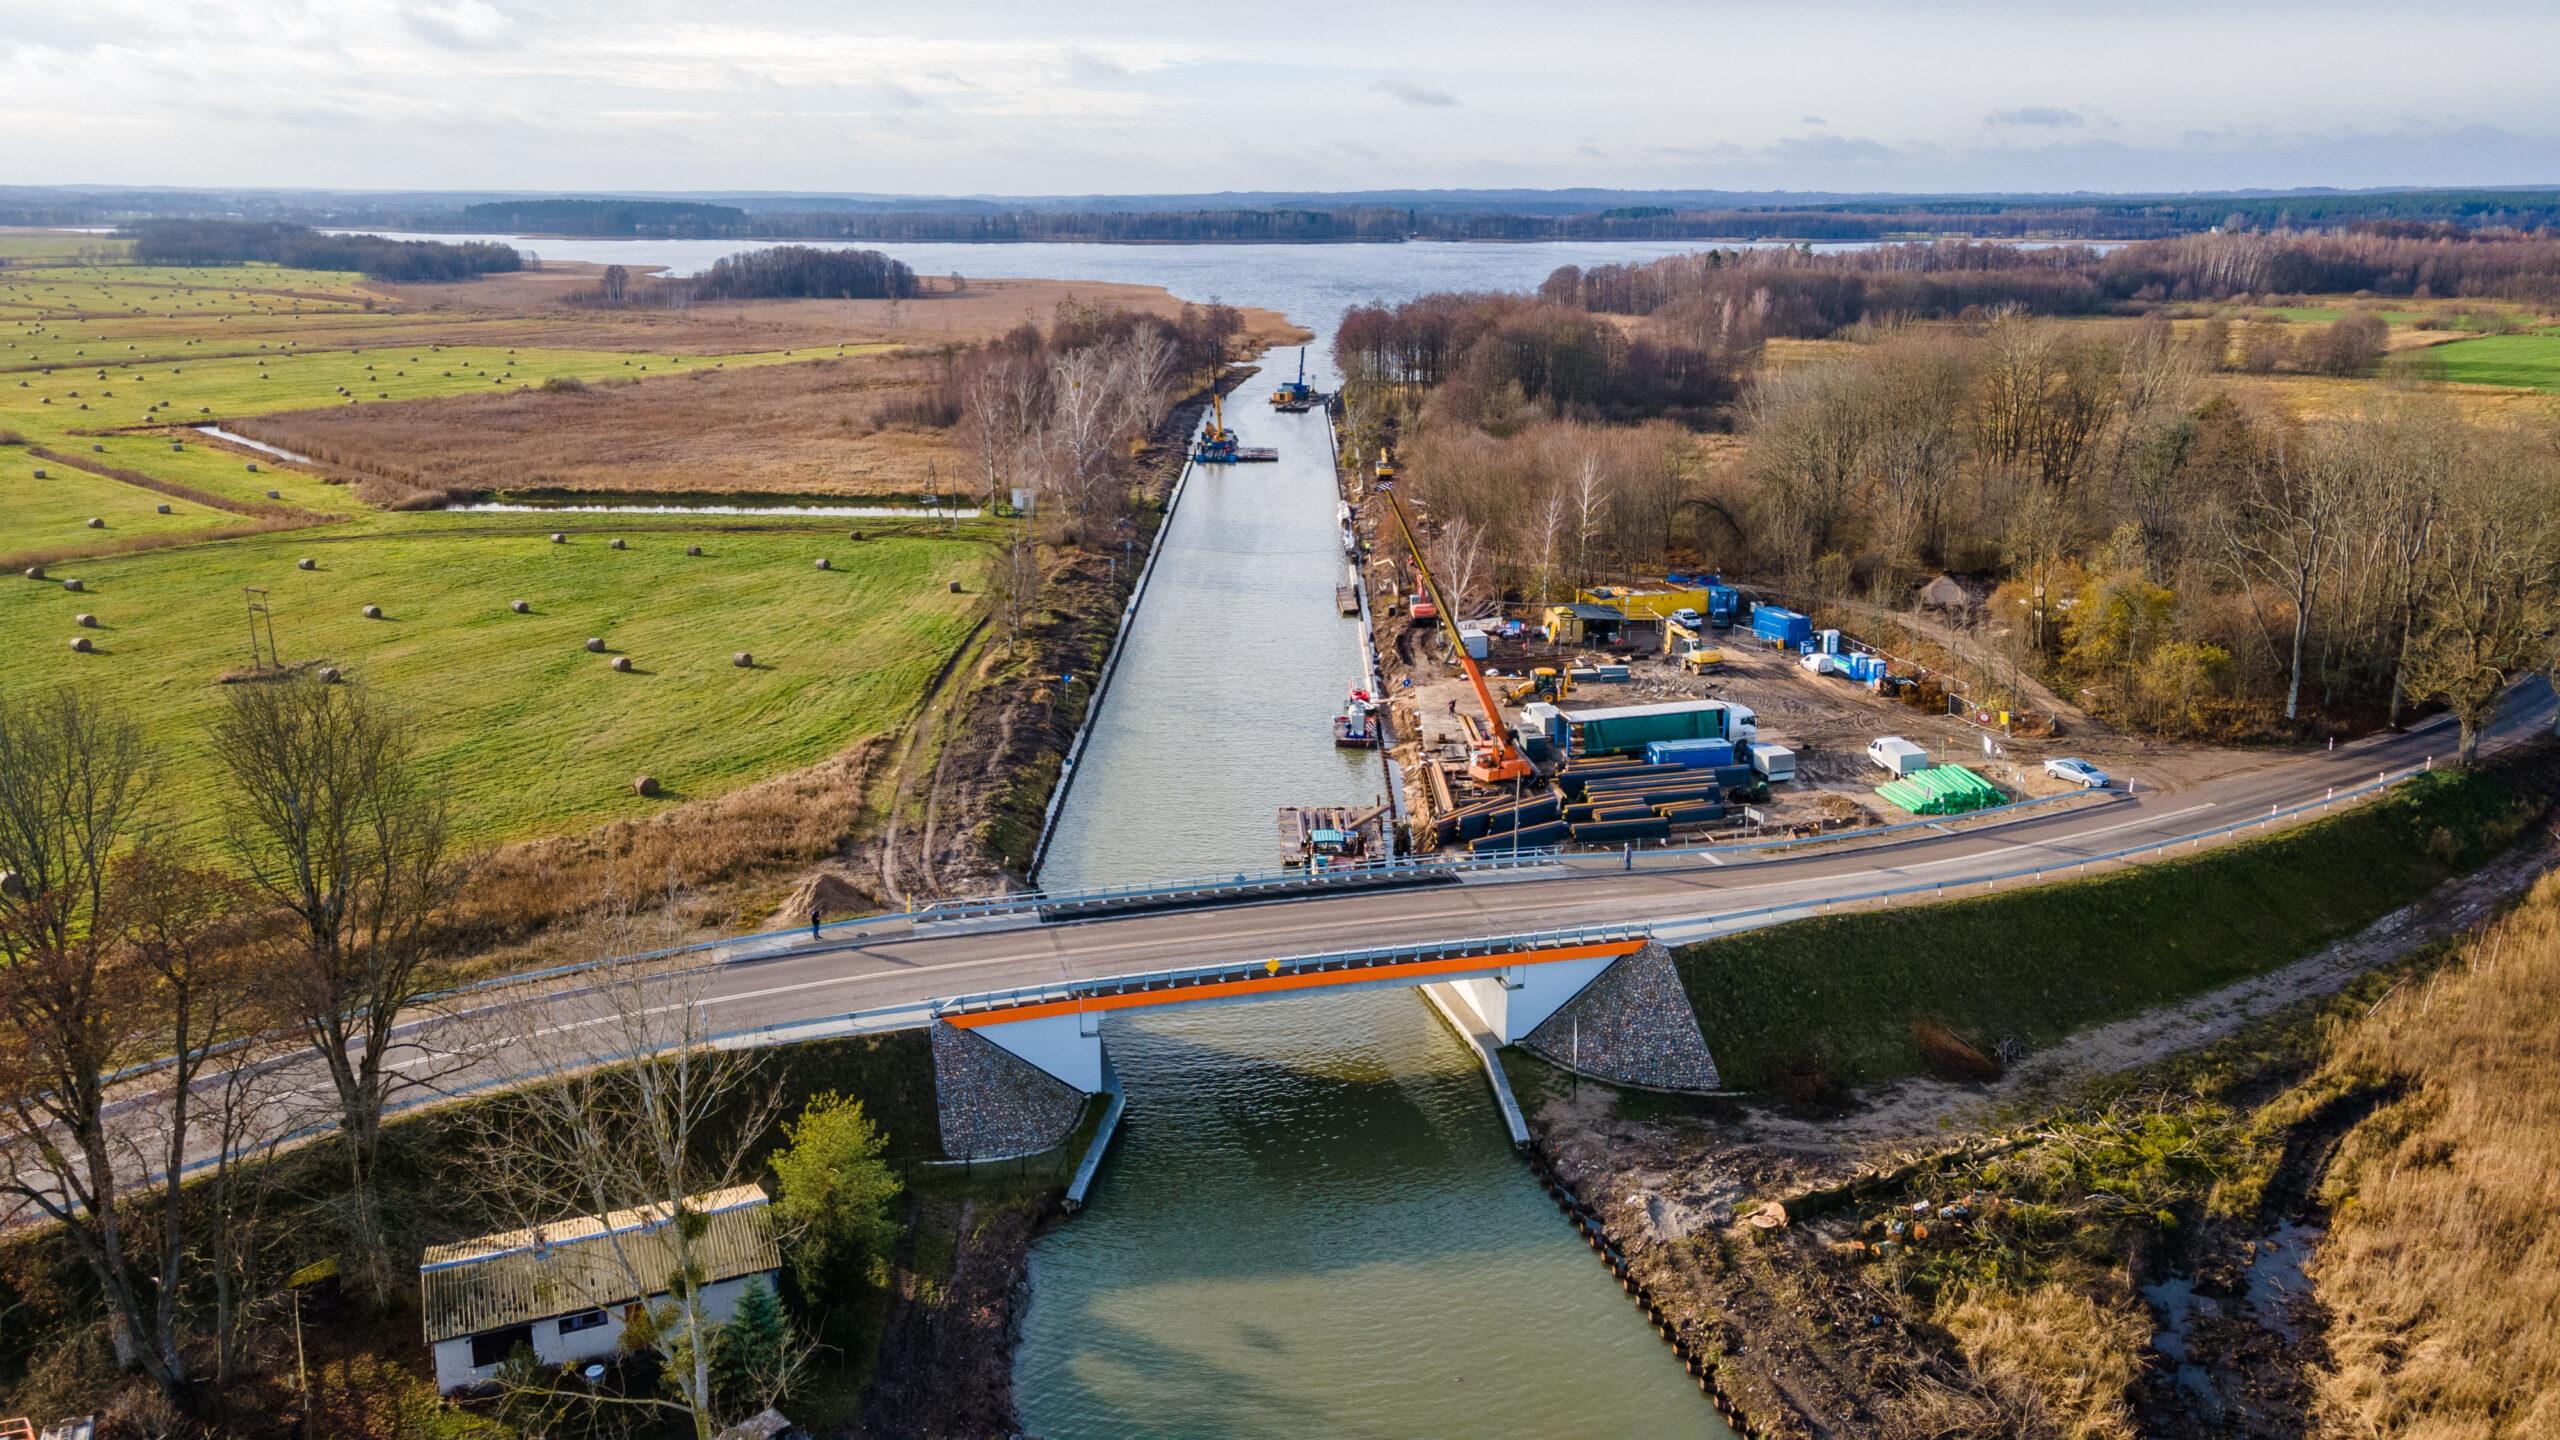 Trwają remonty kanałów na Szlaku Wielkich Jezior Mazurskich